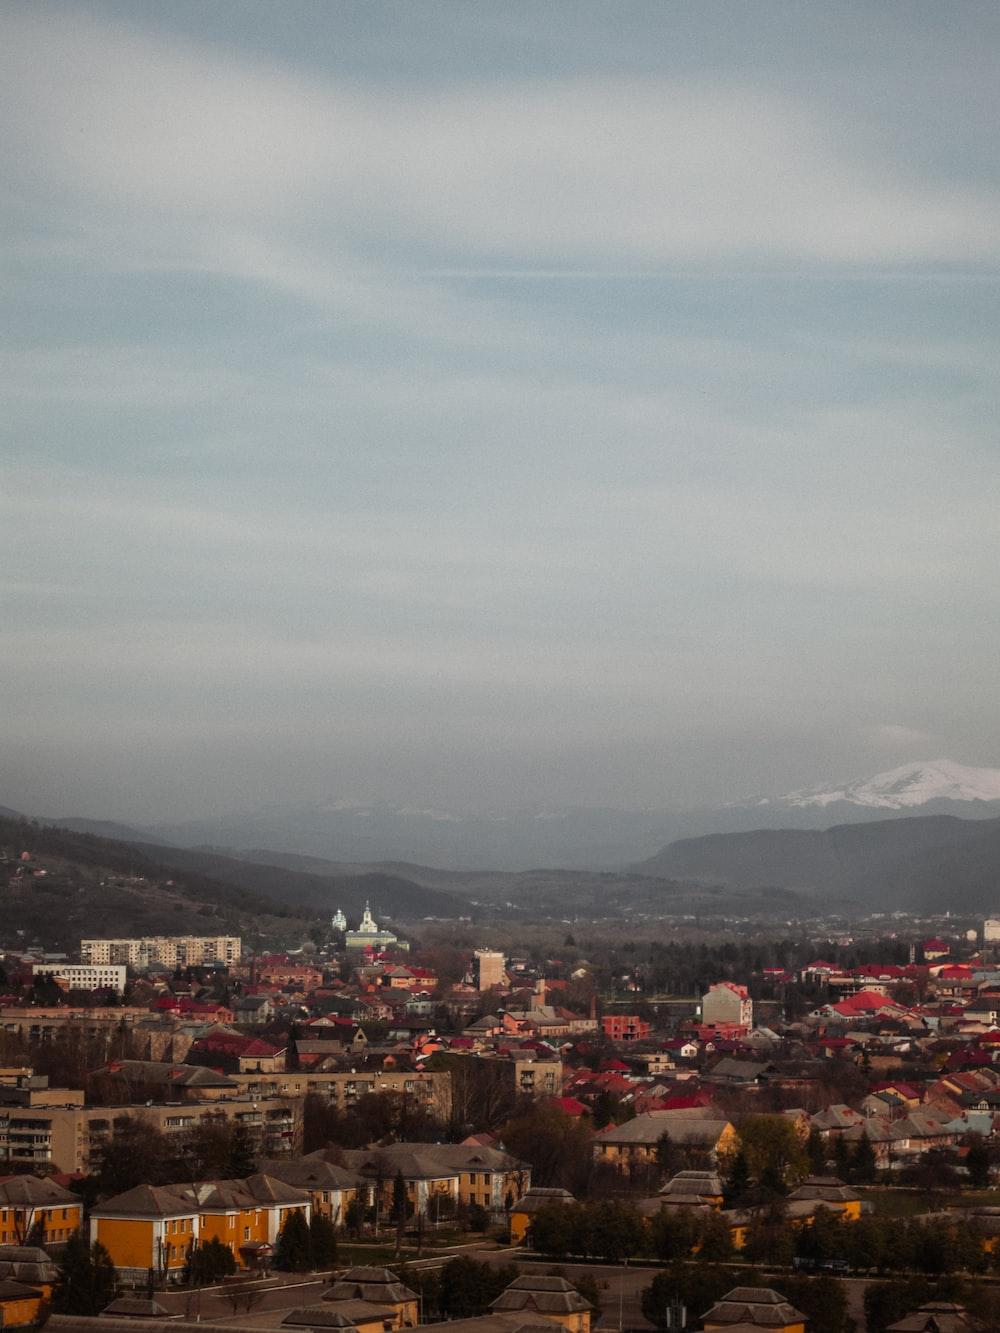 aerial photo of houses under cloudy sky near niybtaubs